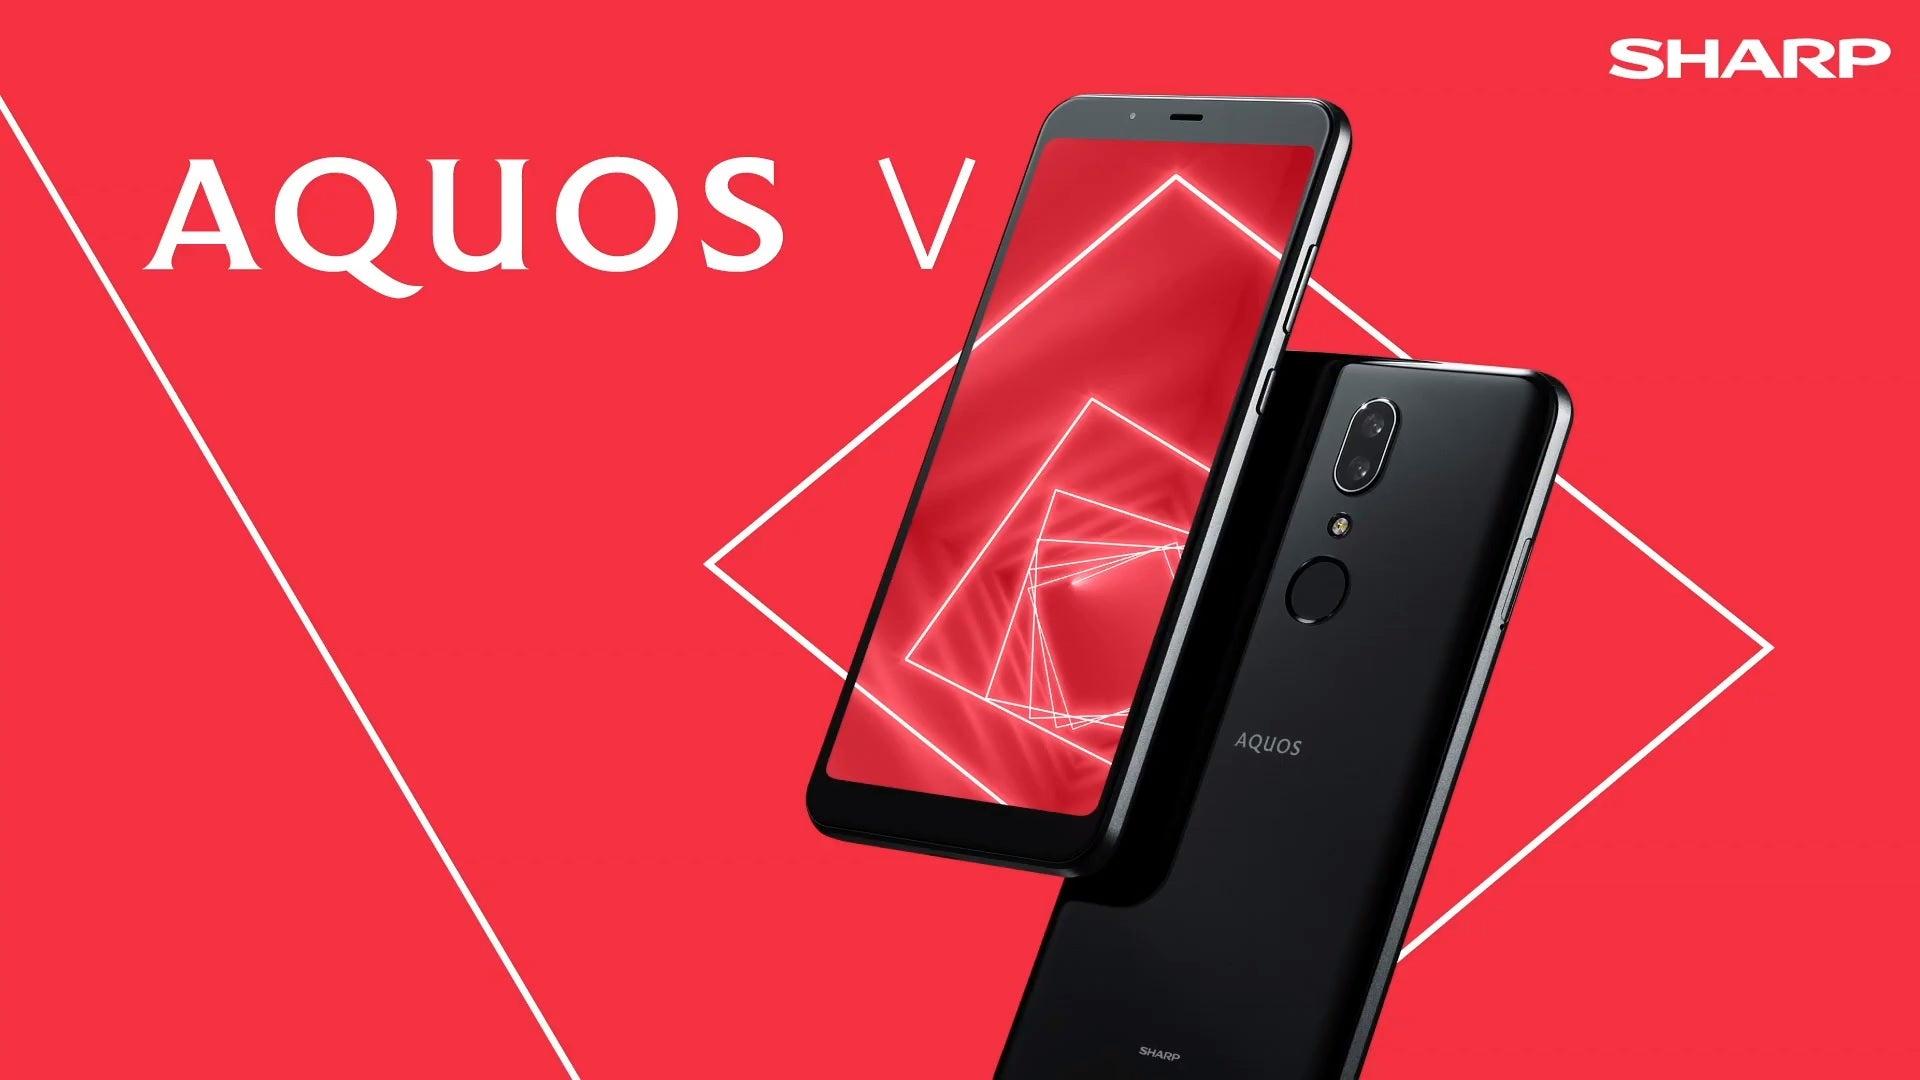 Выпущен новый смартфон Sharp AQUOS V, но на старом процессоре - изображение